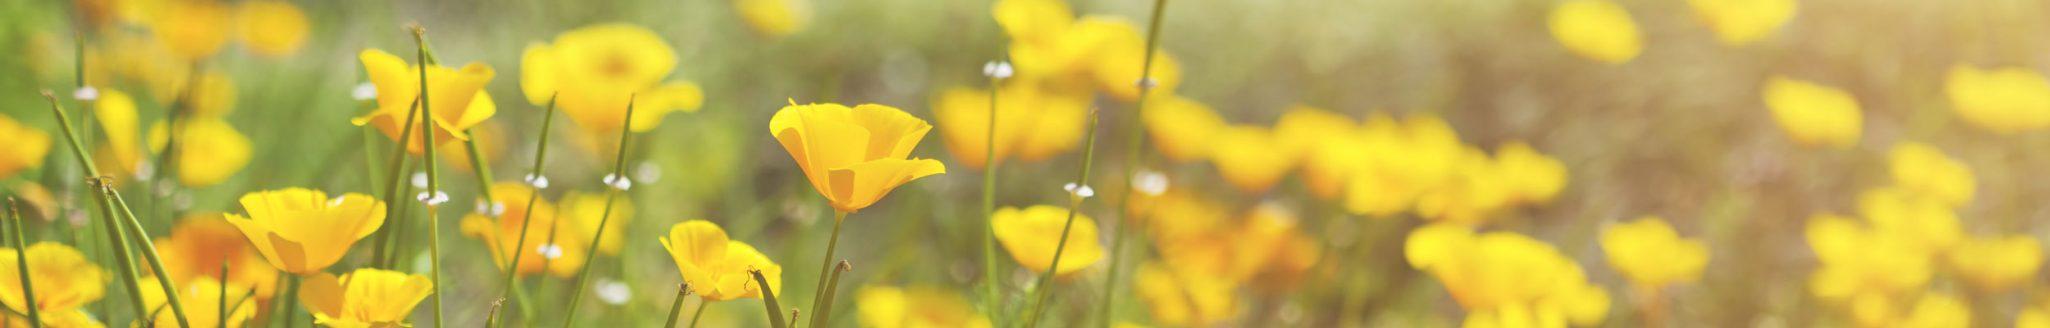 Blooming yellow prairie flowers